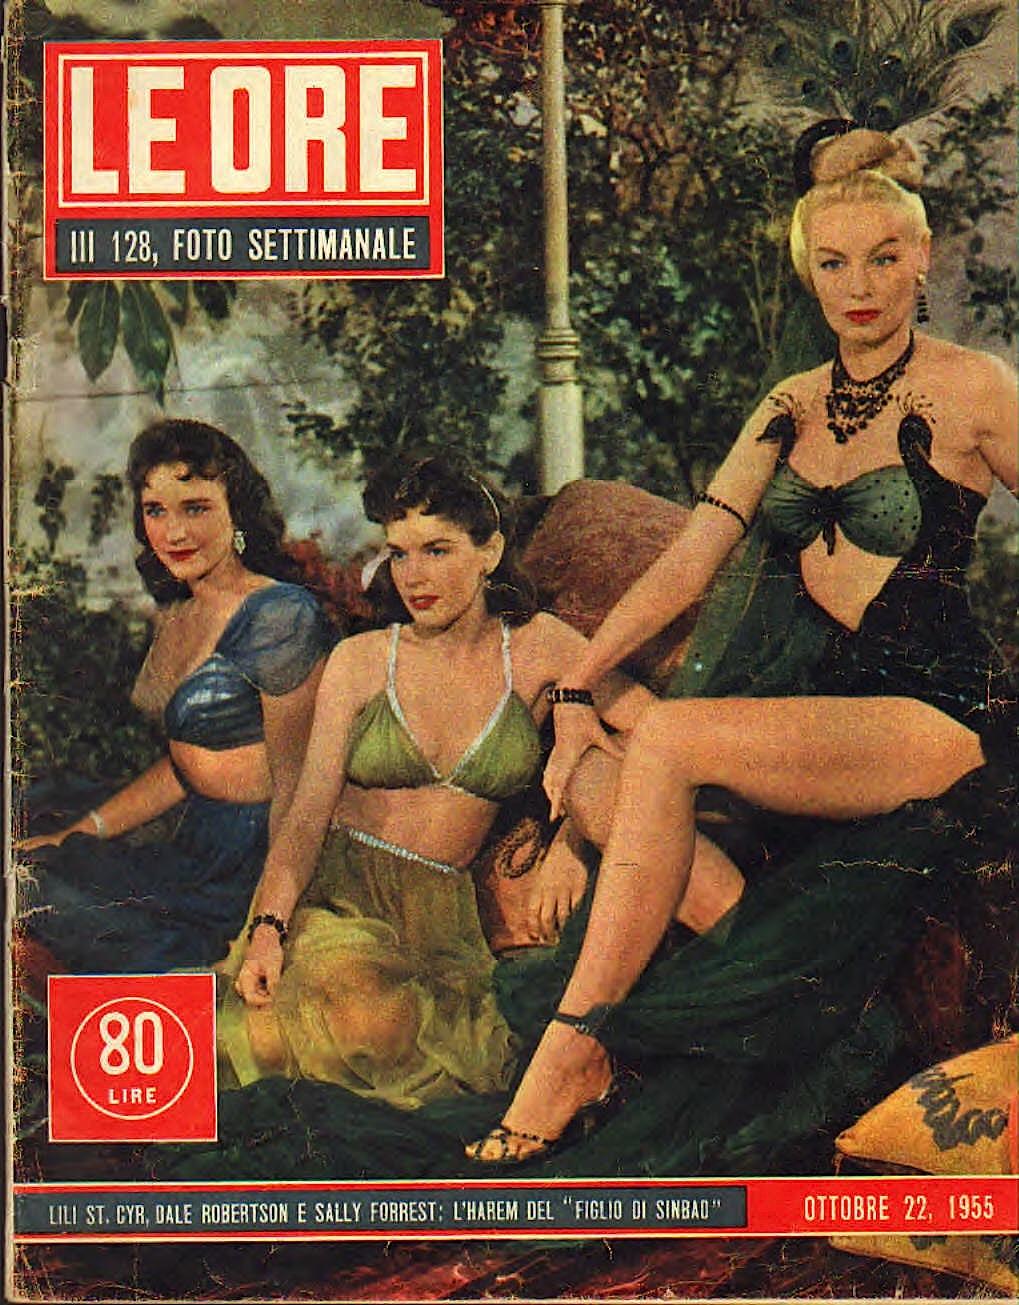 le_ore_settimanale_fotografie-1955